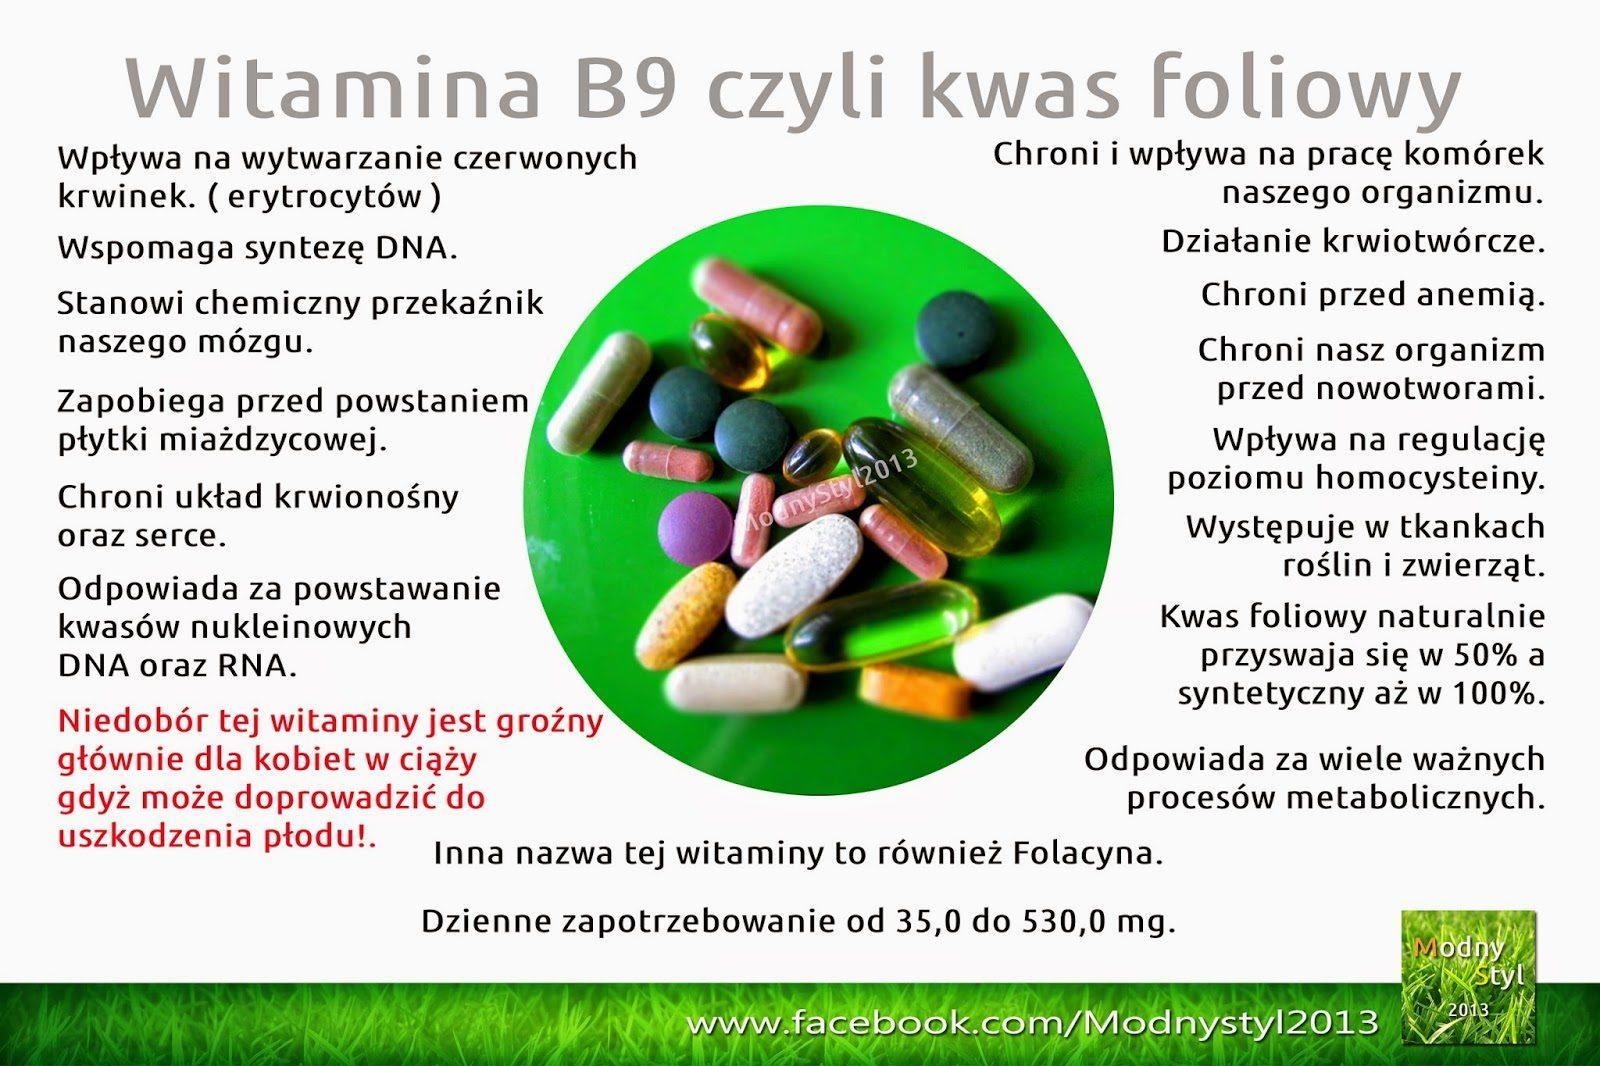 witamina2bb92bczyli2bkwas2bfoliowy-3641394